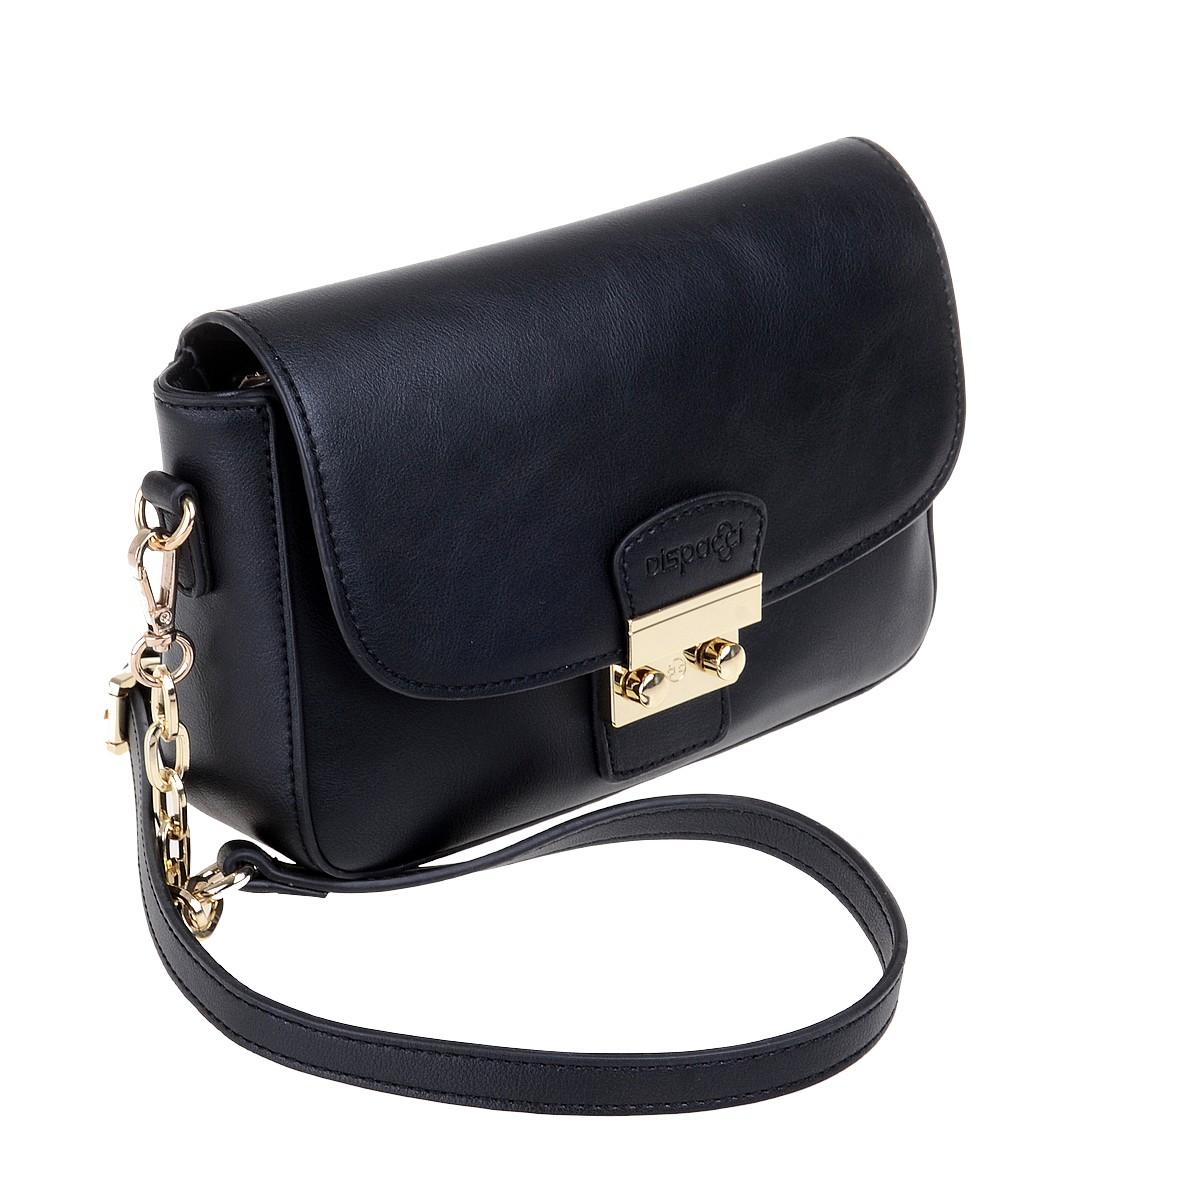 маленькая сумка через плечо женская купить